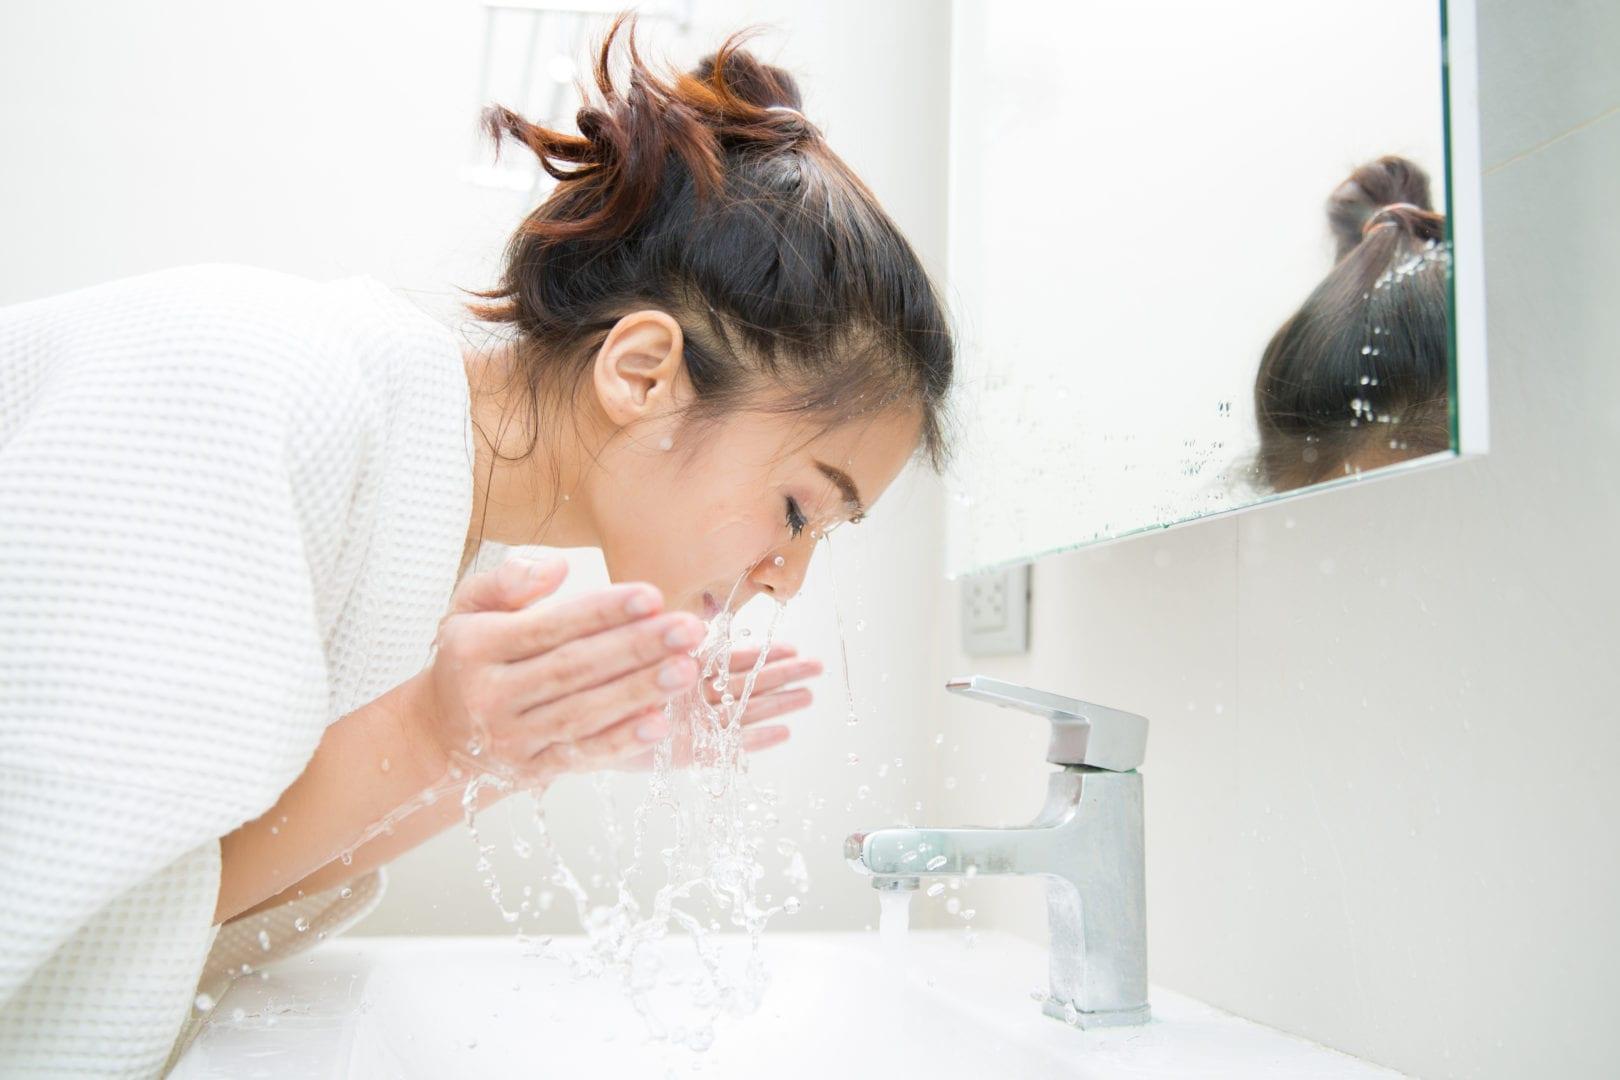 Vrouw wast haar gezicht in de badkamer